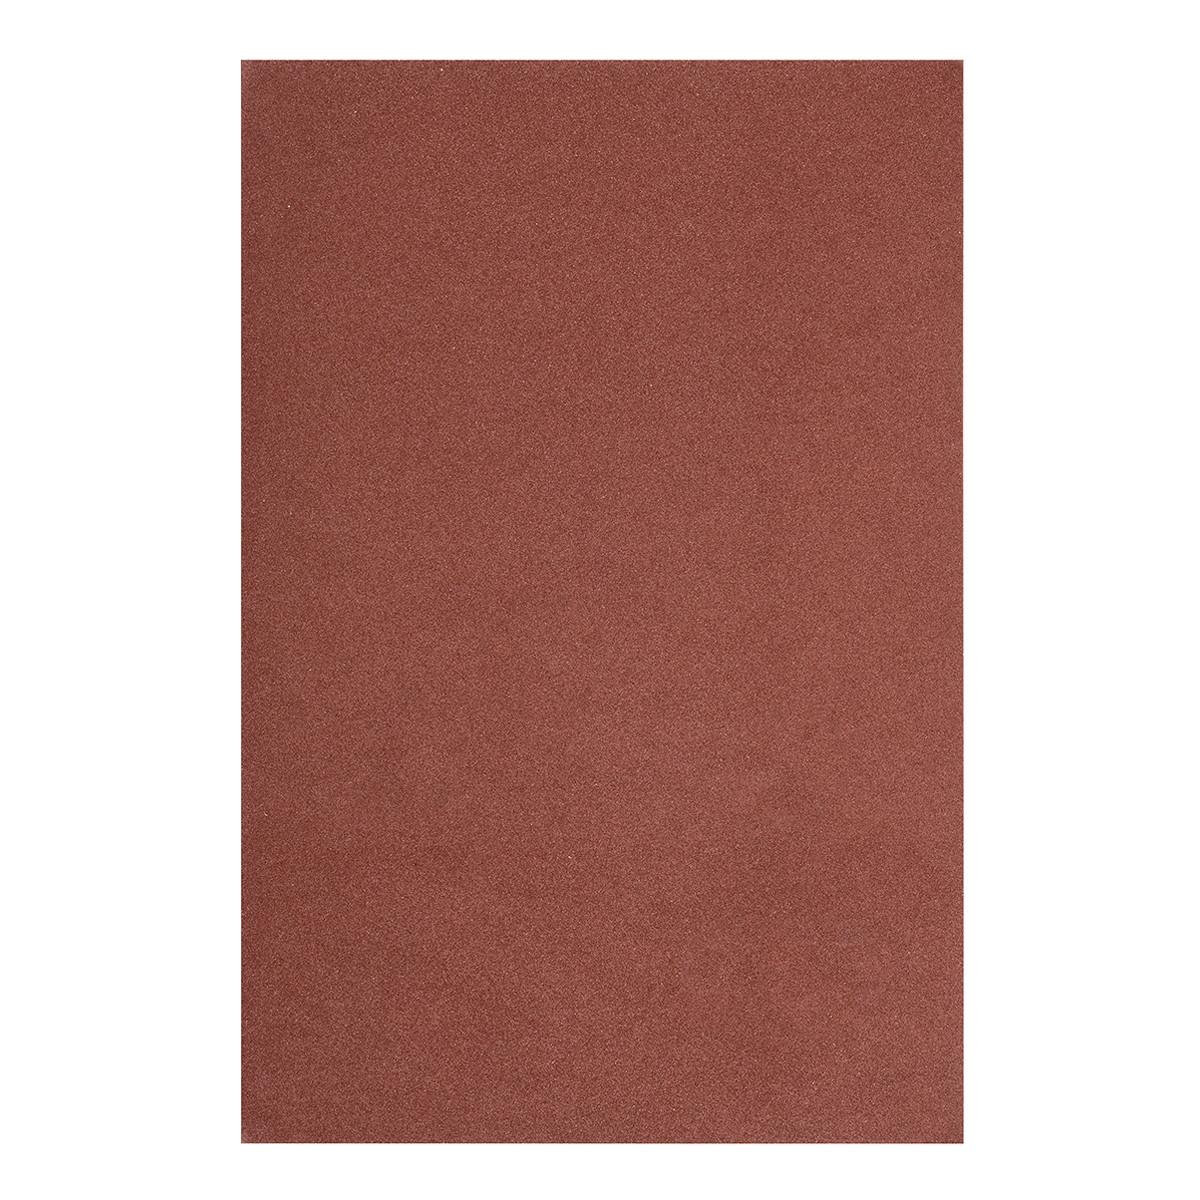 Фоамиран ЕВА коричневий, з клейовим шаром, 200*300 мм, товщина 1,7 мм, 10 листів